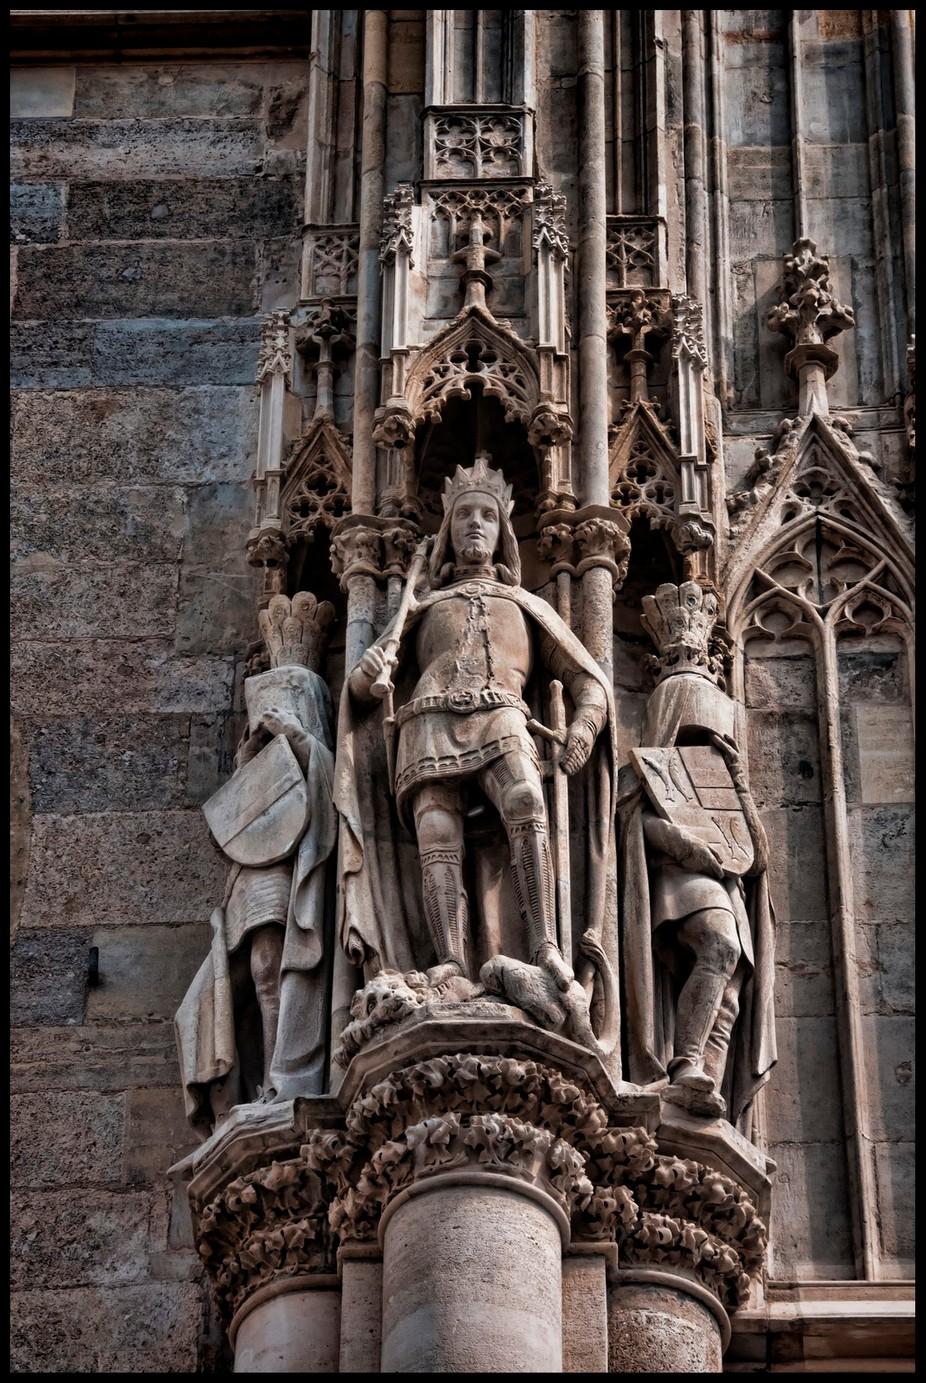 Vienna Statues 2